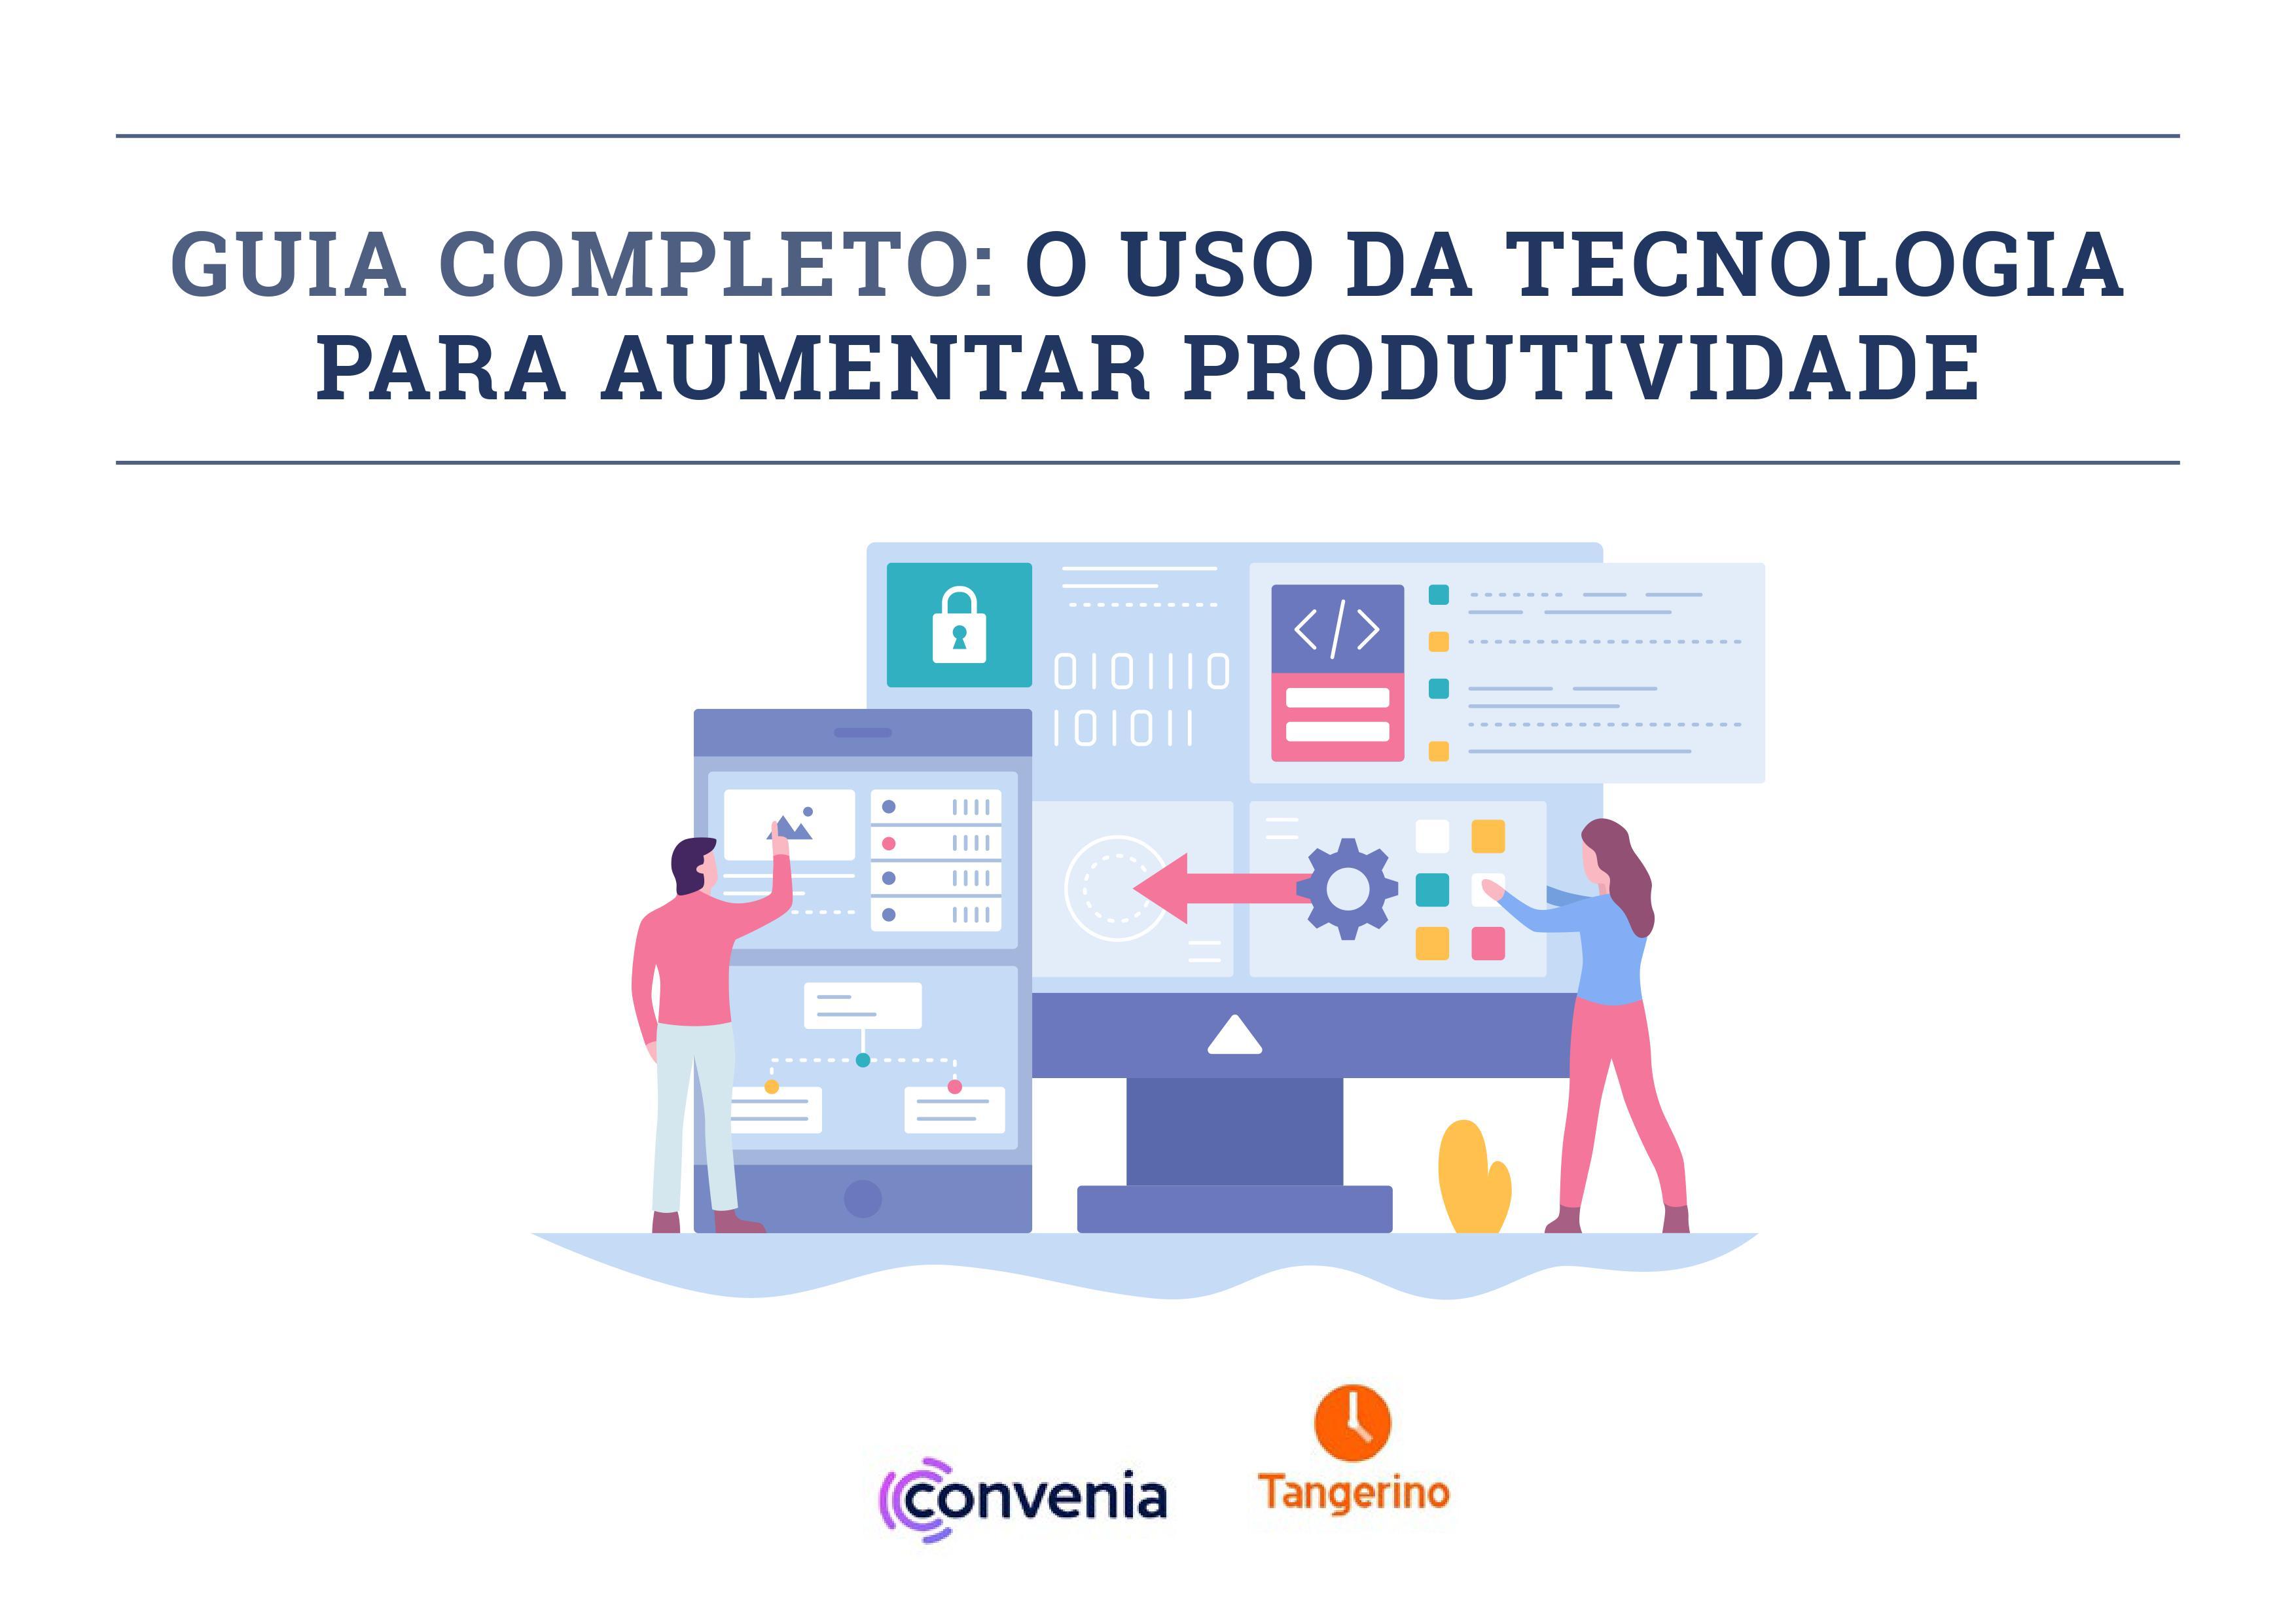 Guia Completo: O Uso da Tecnologia para Aumentar Produtividade